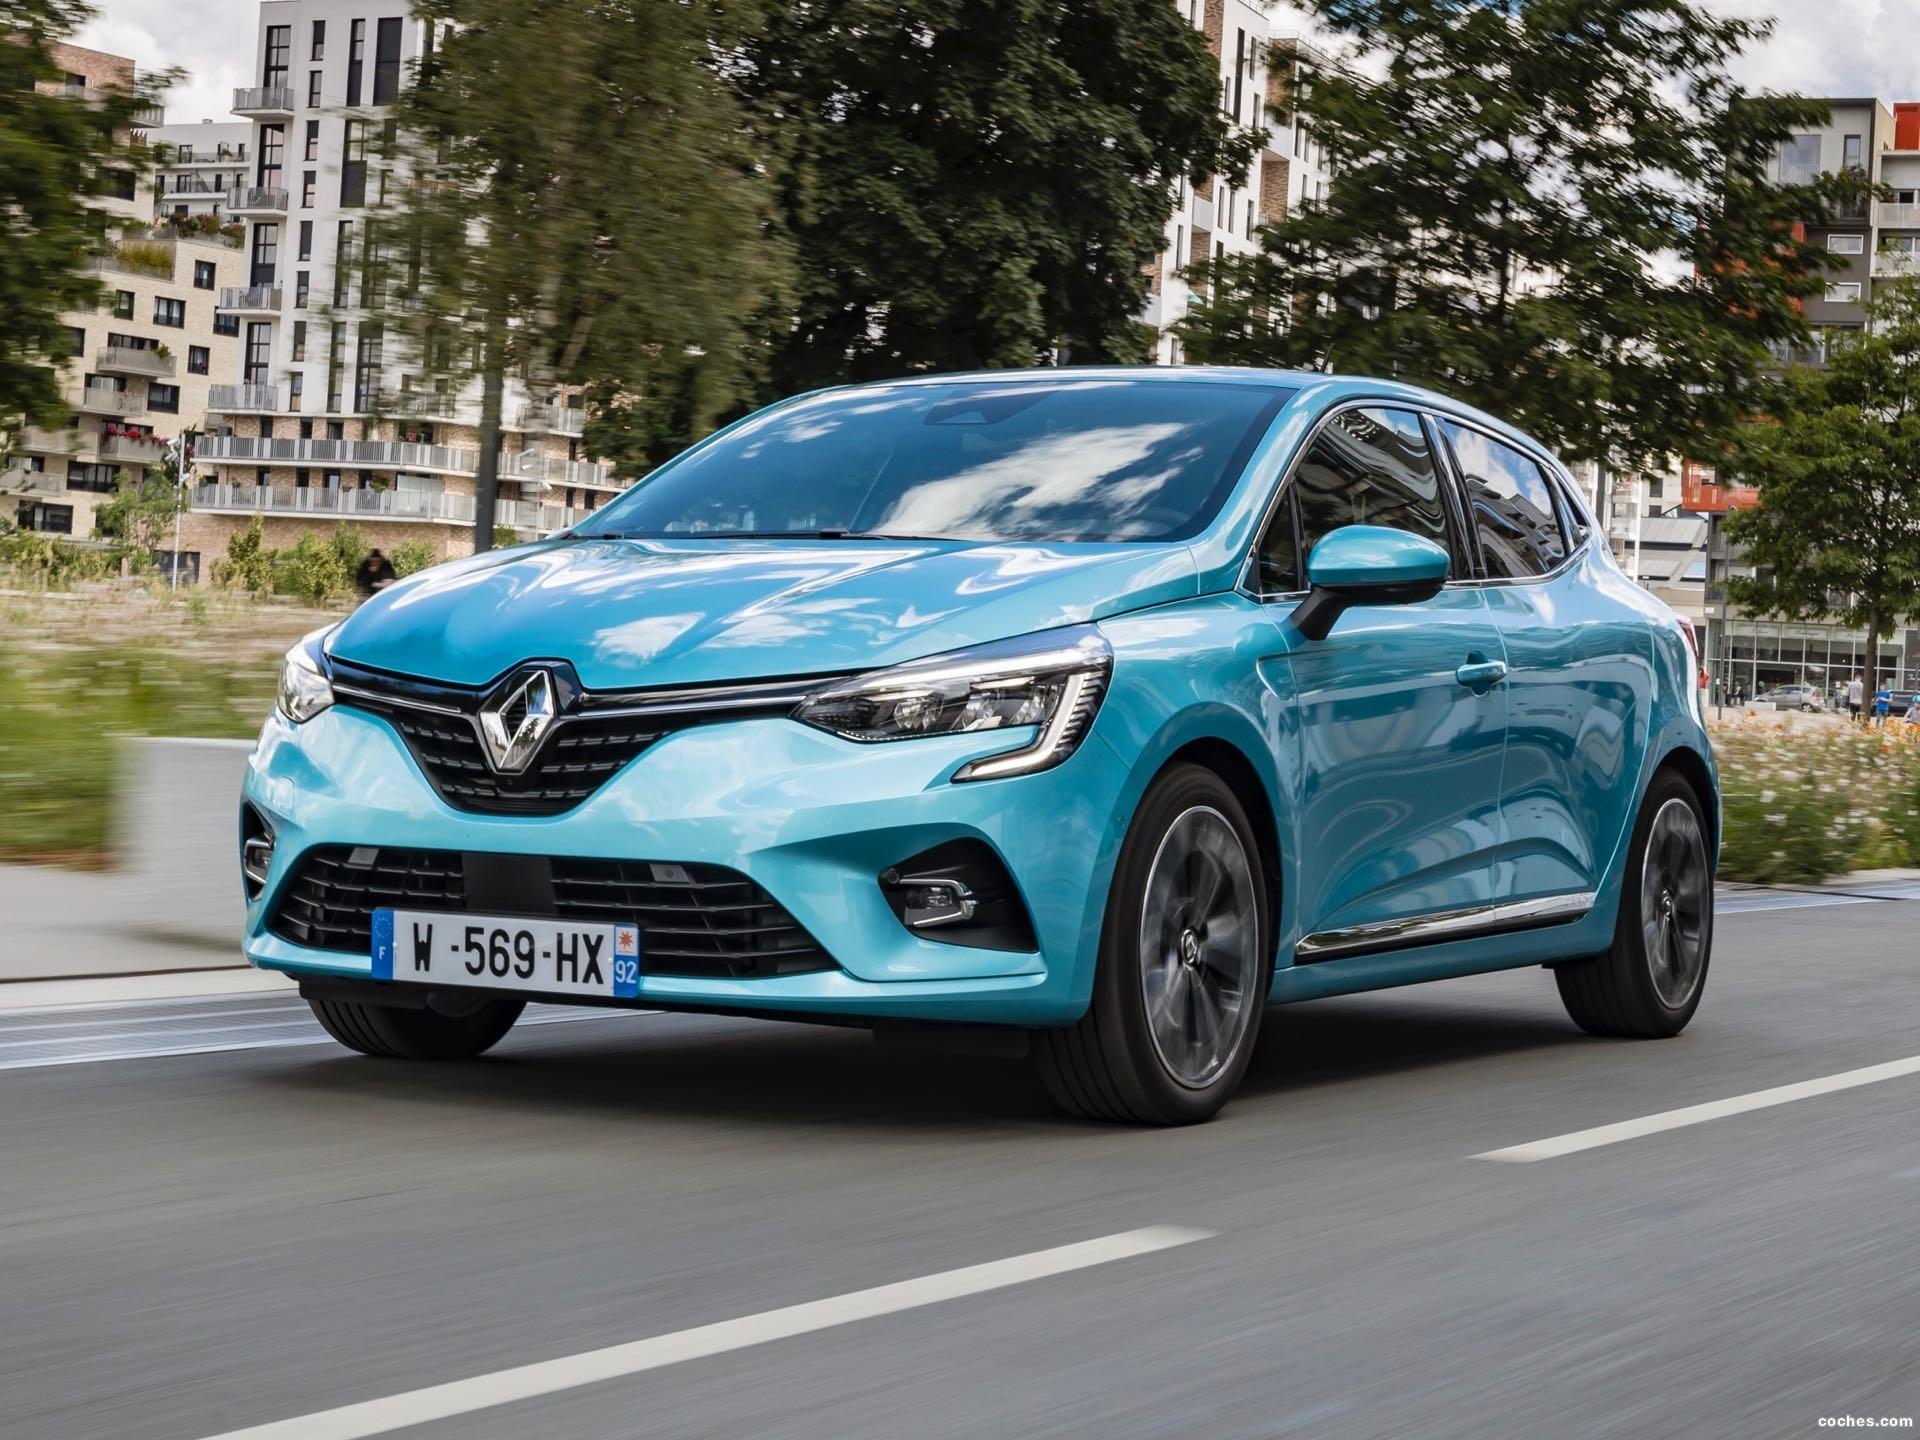 Foto 10 de Renault Clio E-TECH 2020